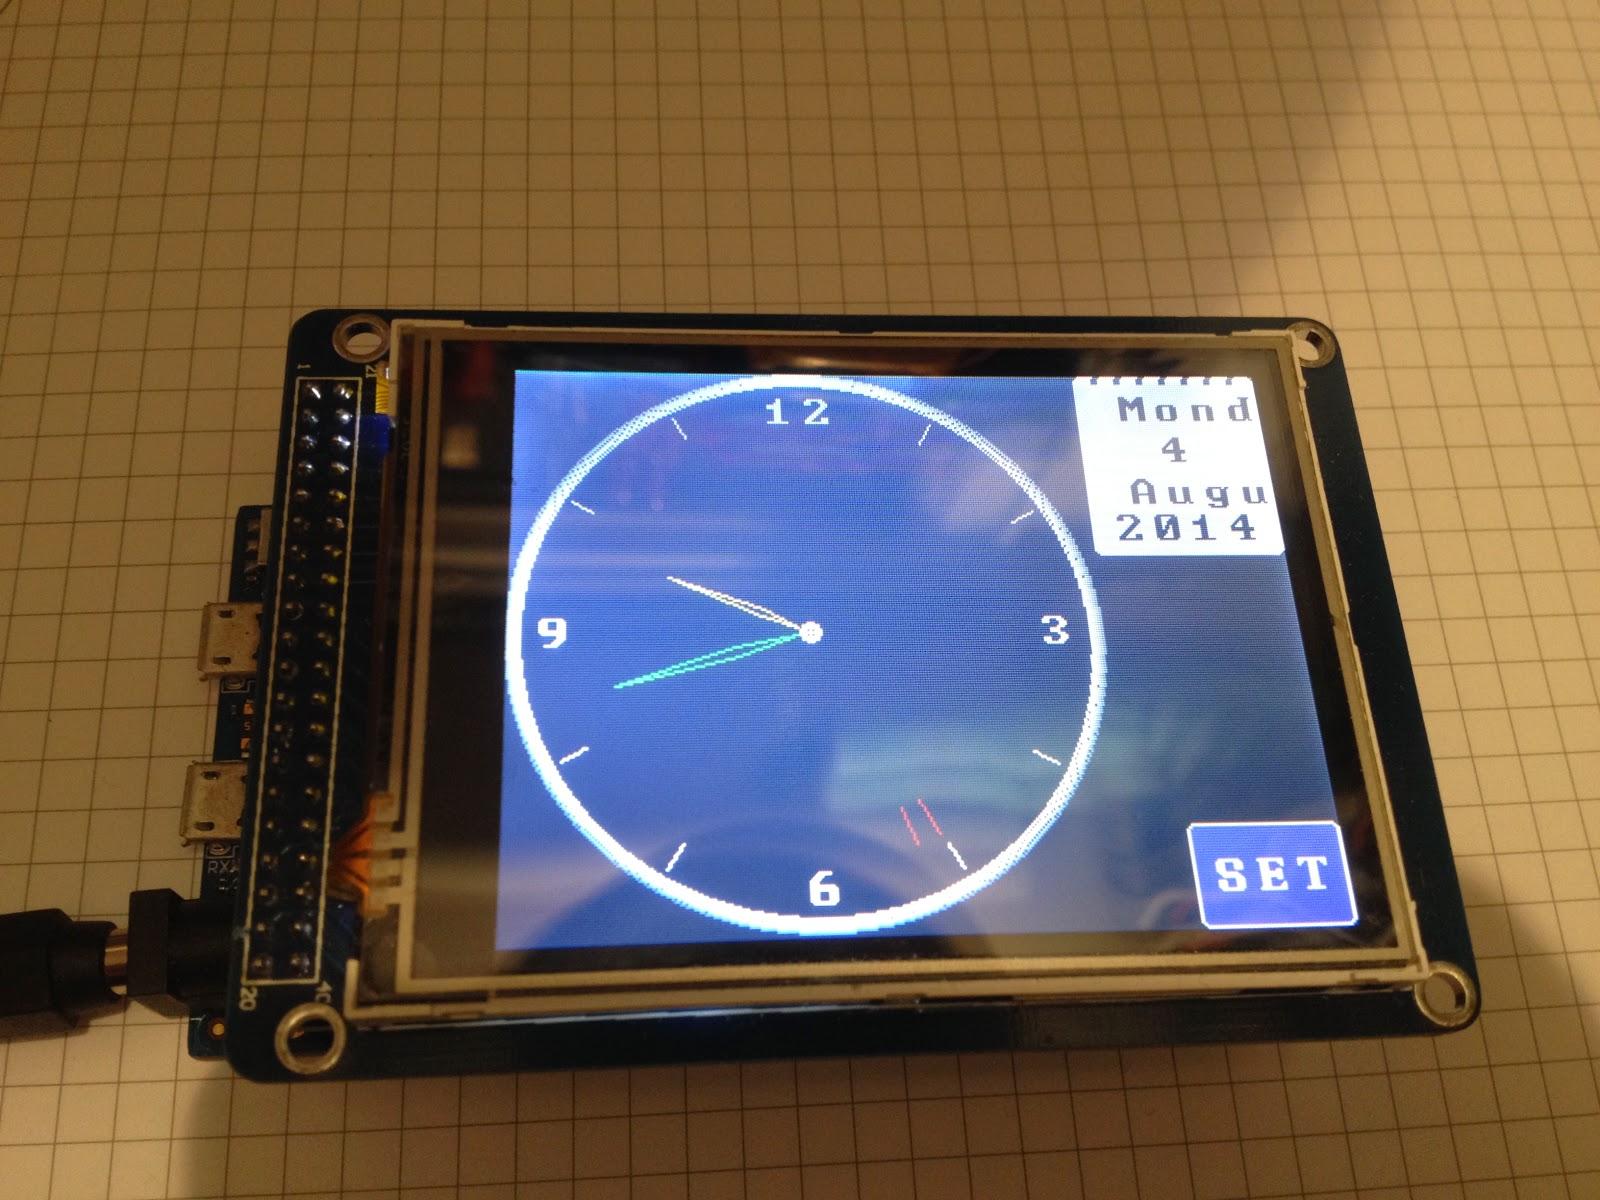 Thd arduino projekte due tft analog uhr